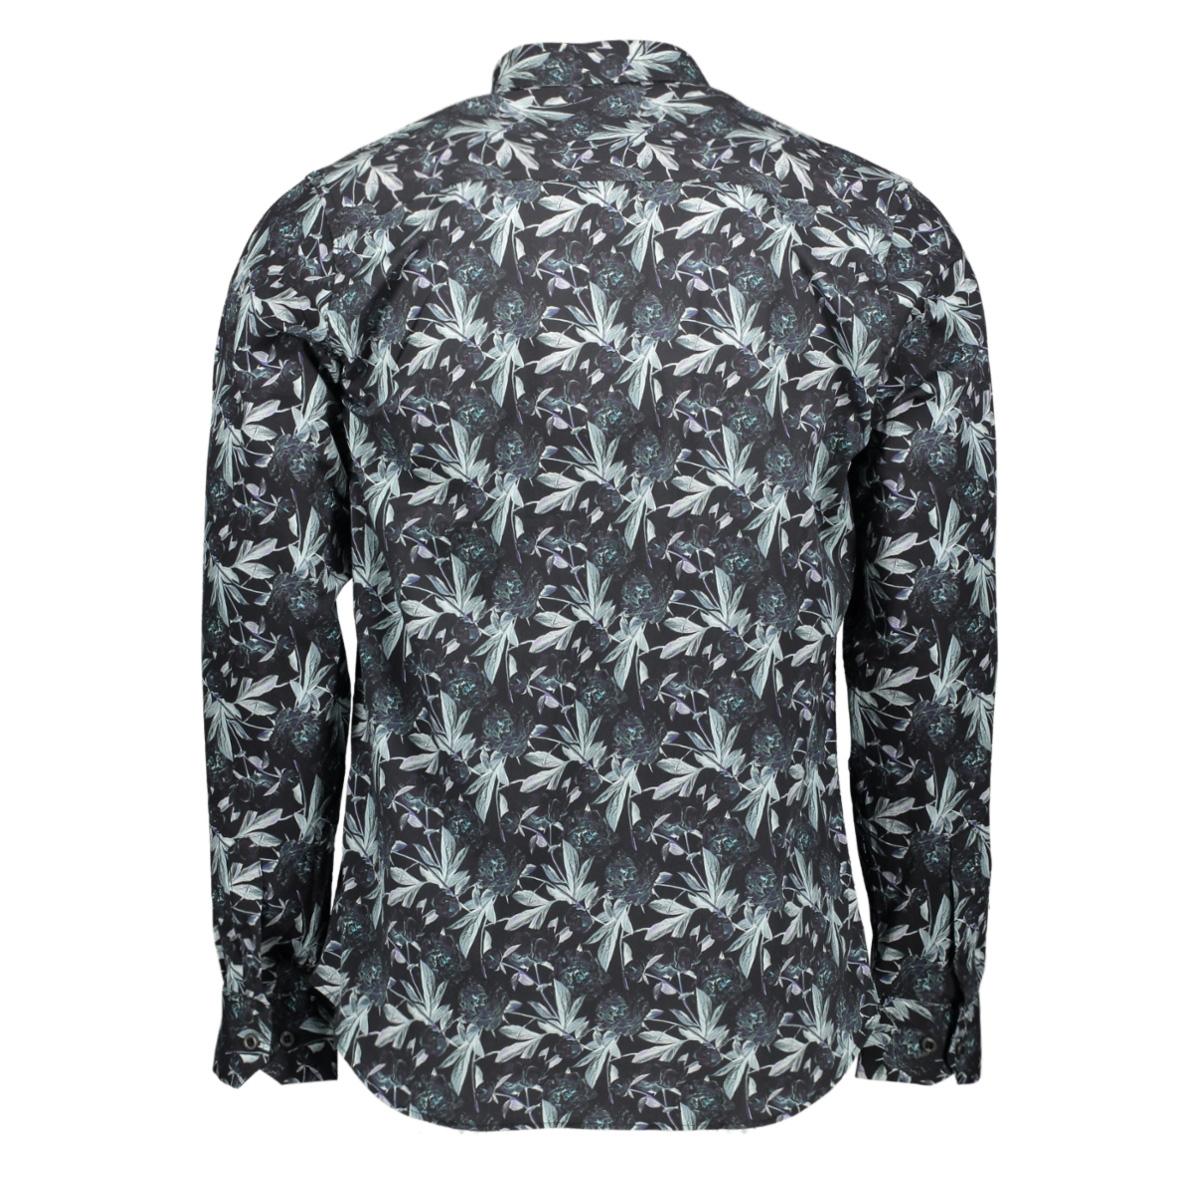 33849 gabbiano overhemd v4